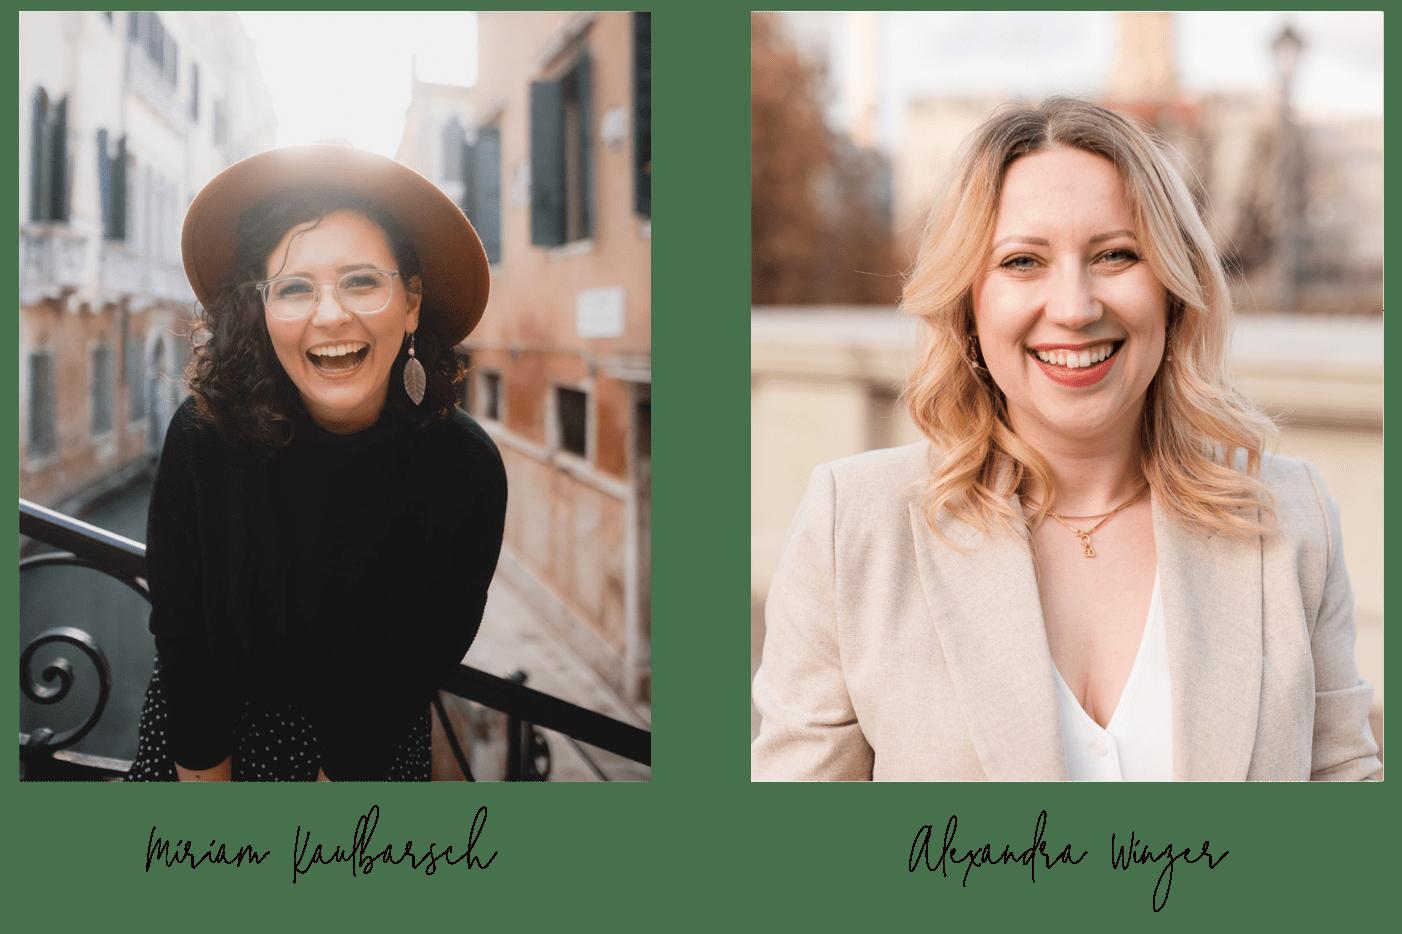 Interview Pinterest für Hochzeitsfotografen Alexandra Winzer mit Miriam Kaulbarsch